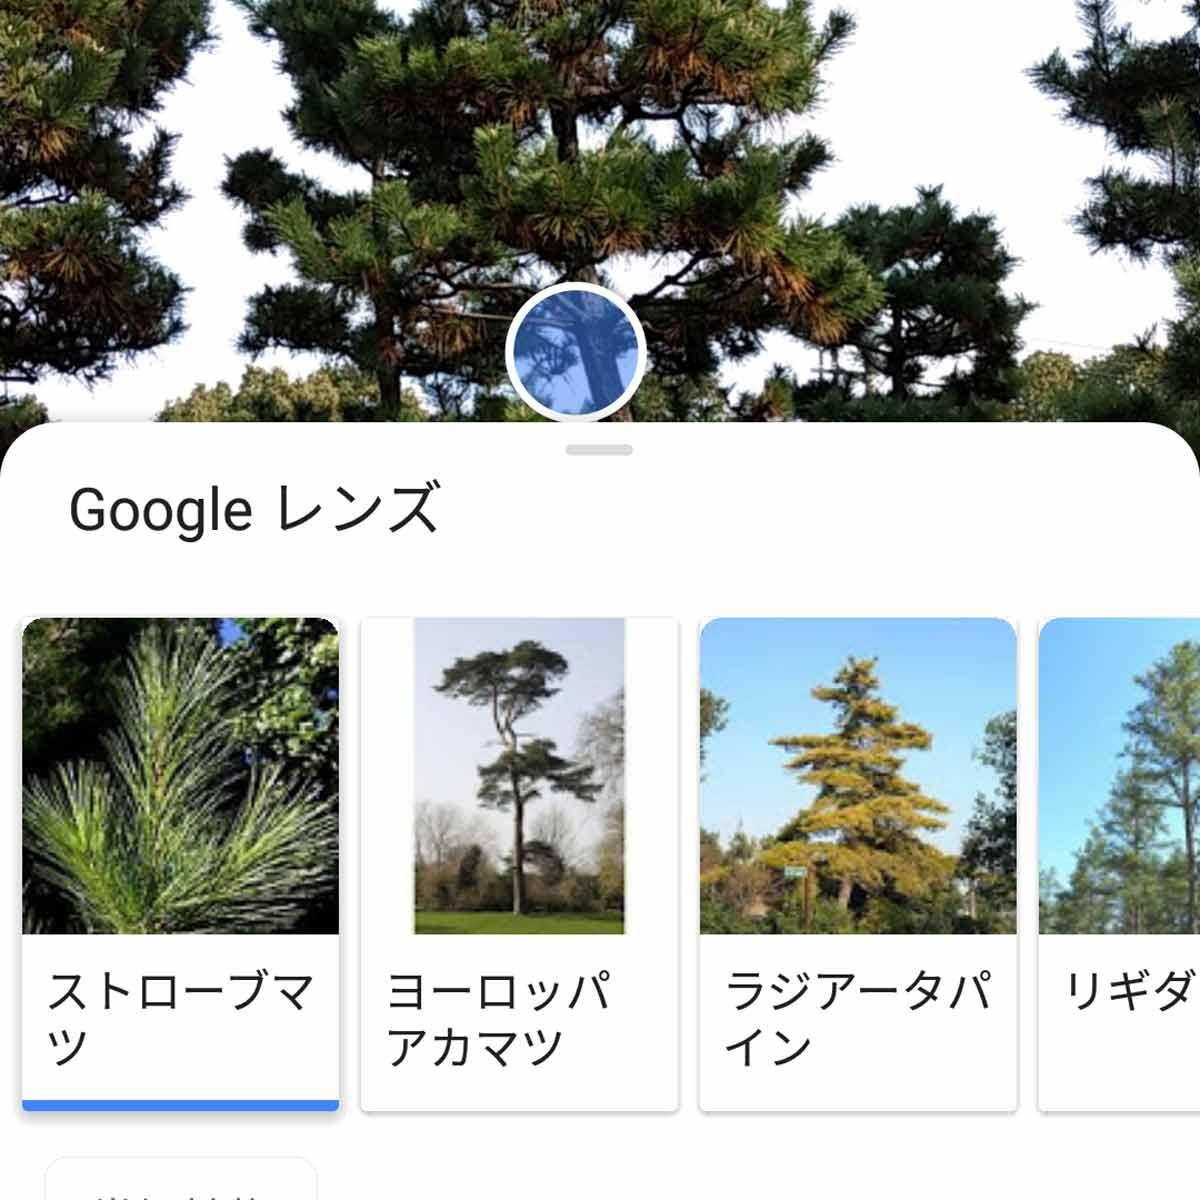 わからないものはカメラで調べる! 「Googleレンズ」の使い方